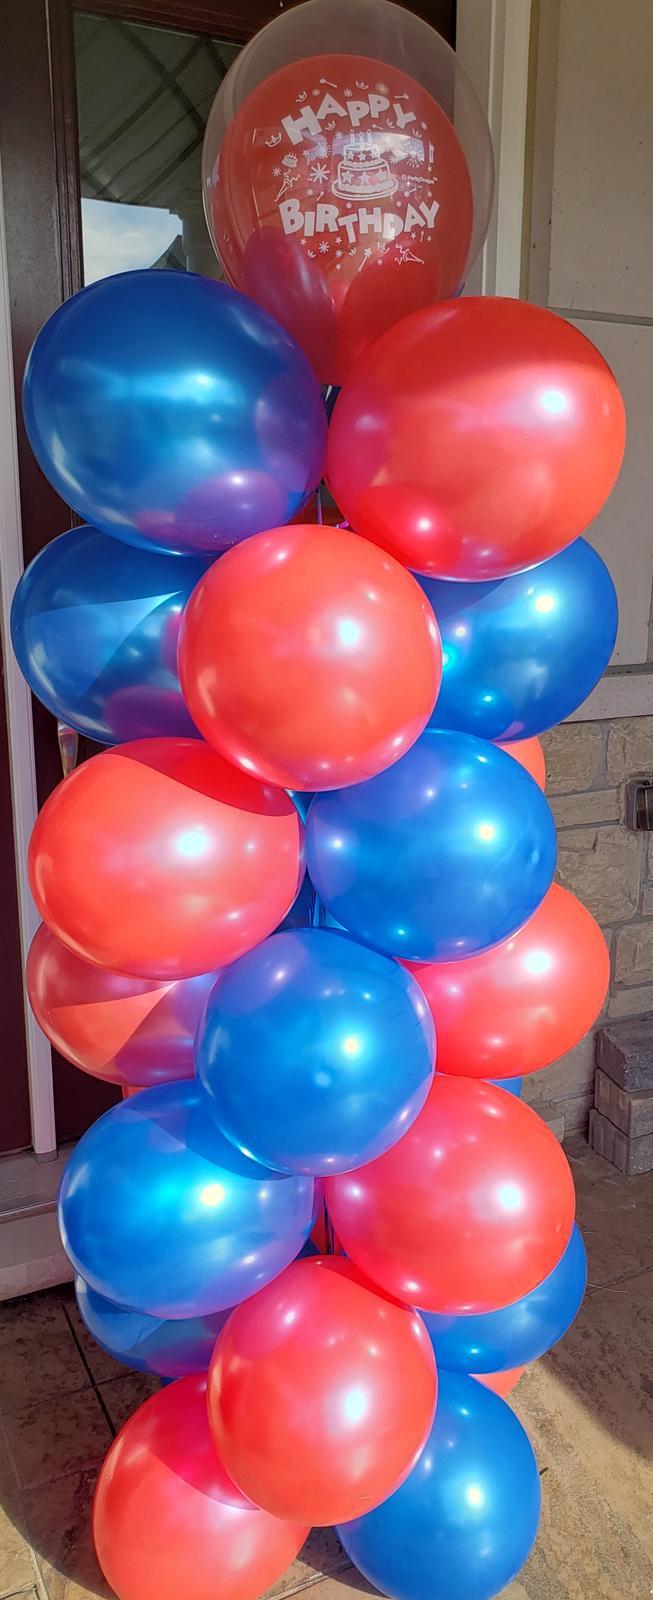 Balloons bring big beams!